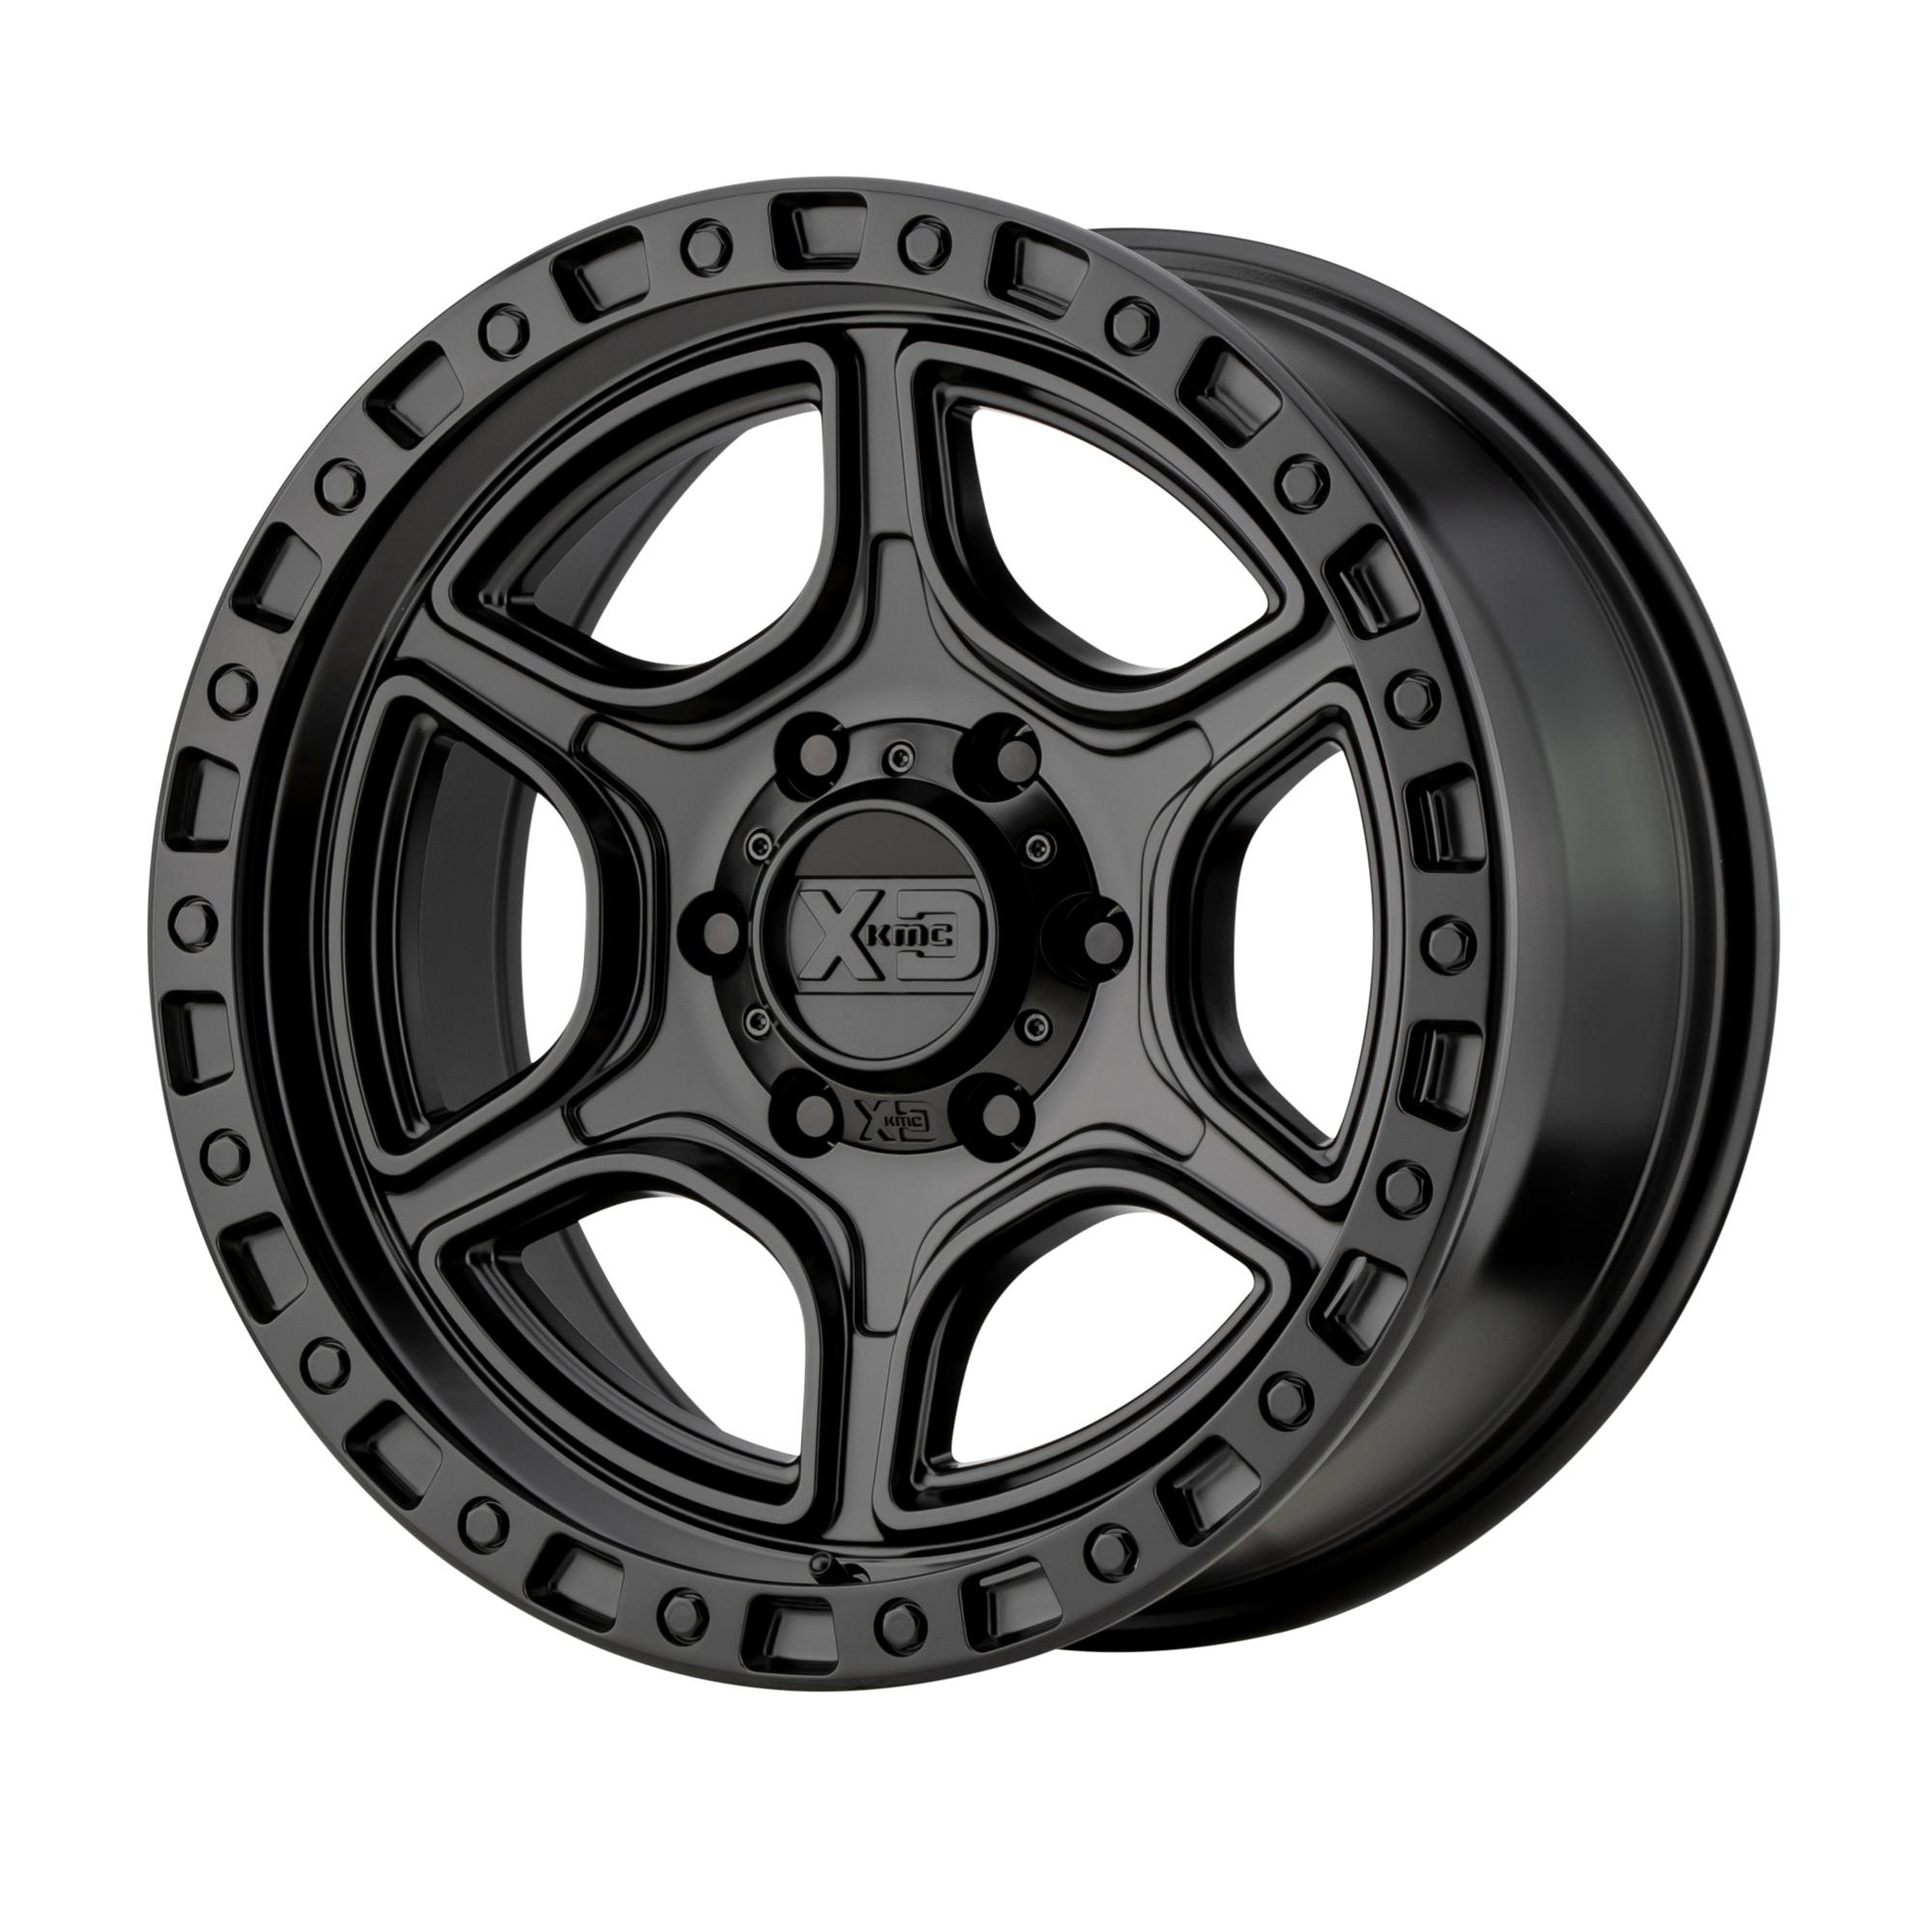 XD SERIES XD139 PORTAL hliníkové disky 8,5x18 6x120 ET18 Satin Black